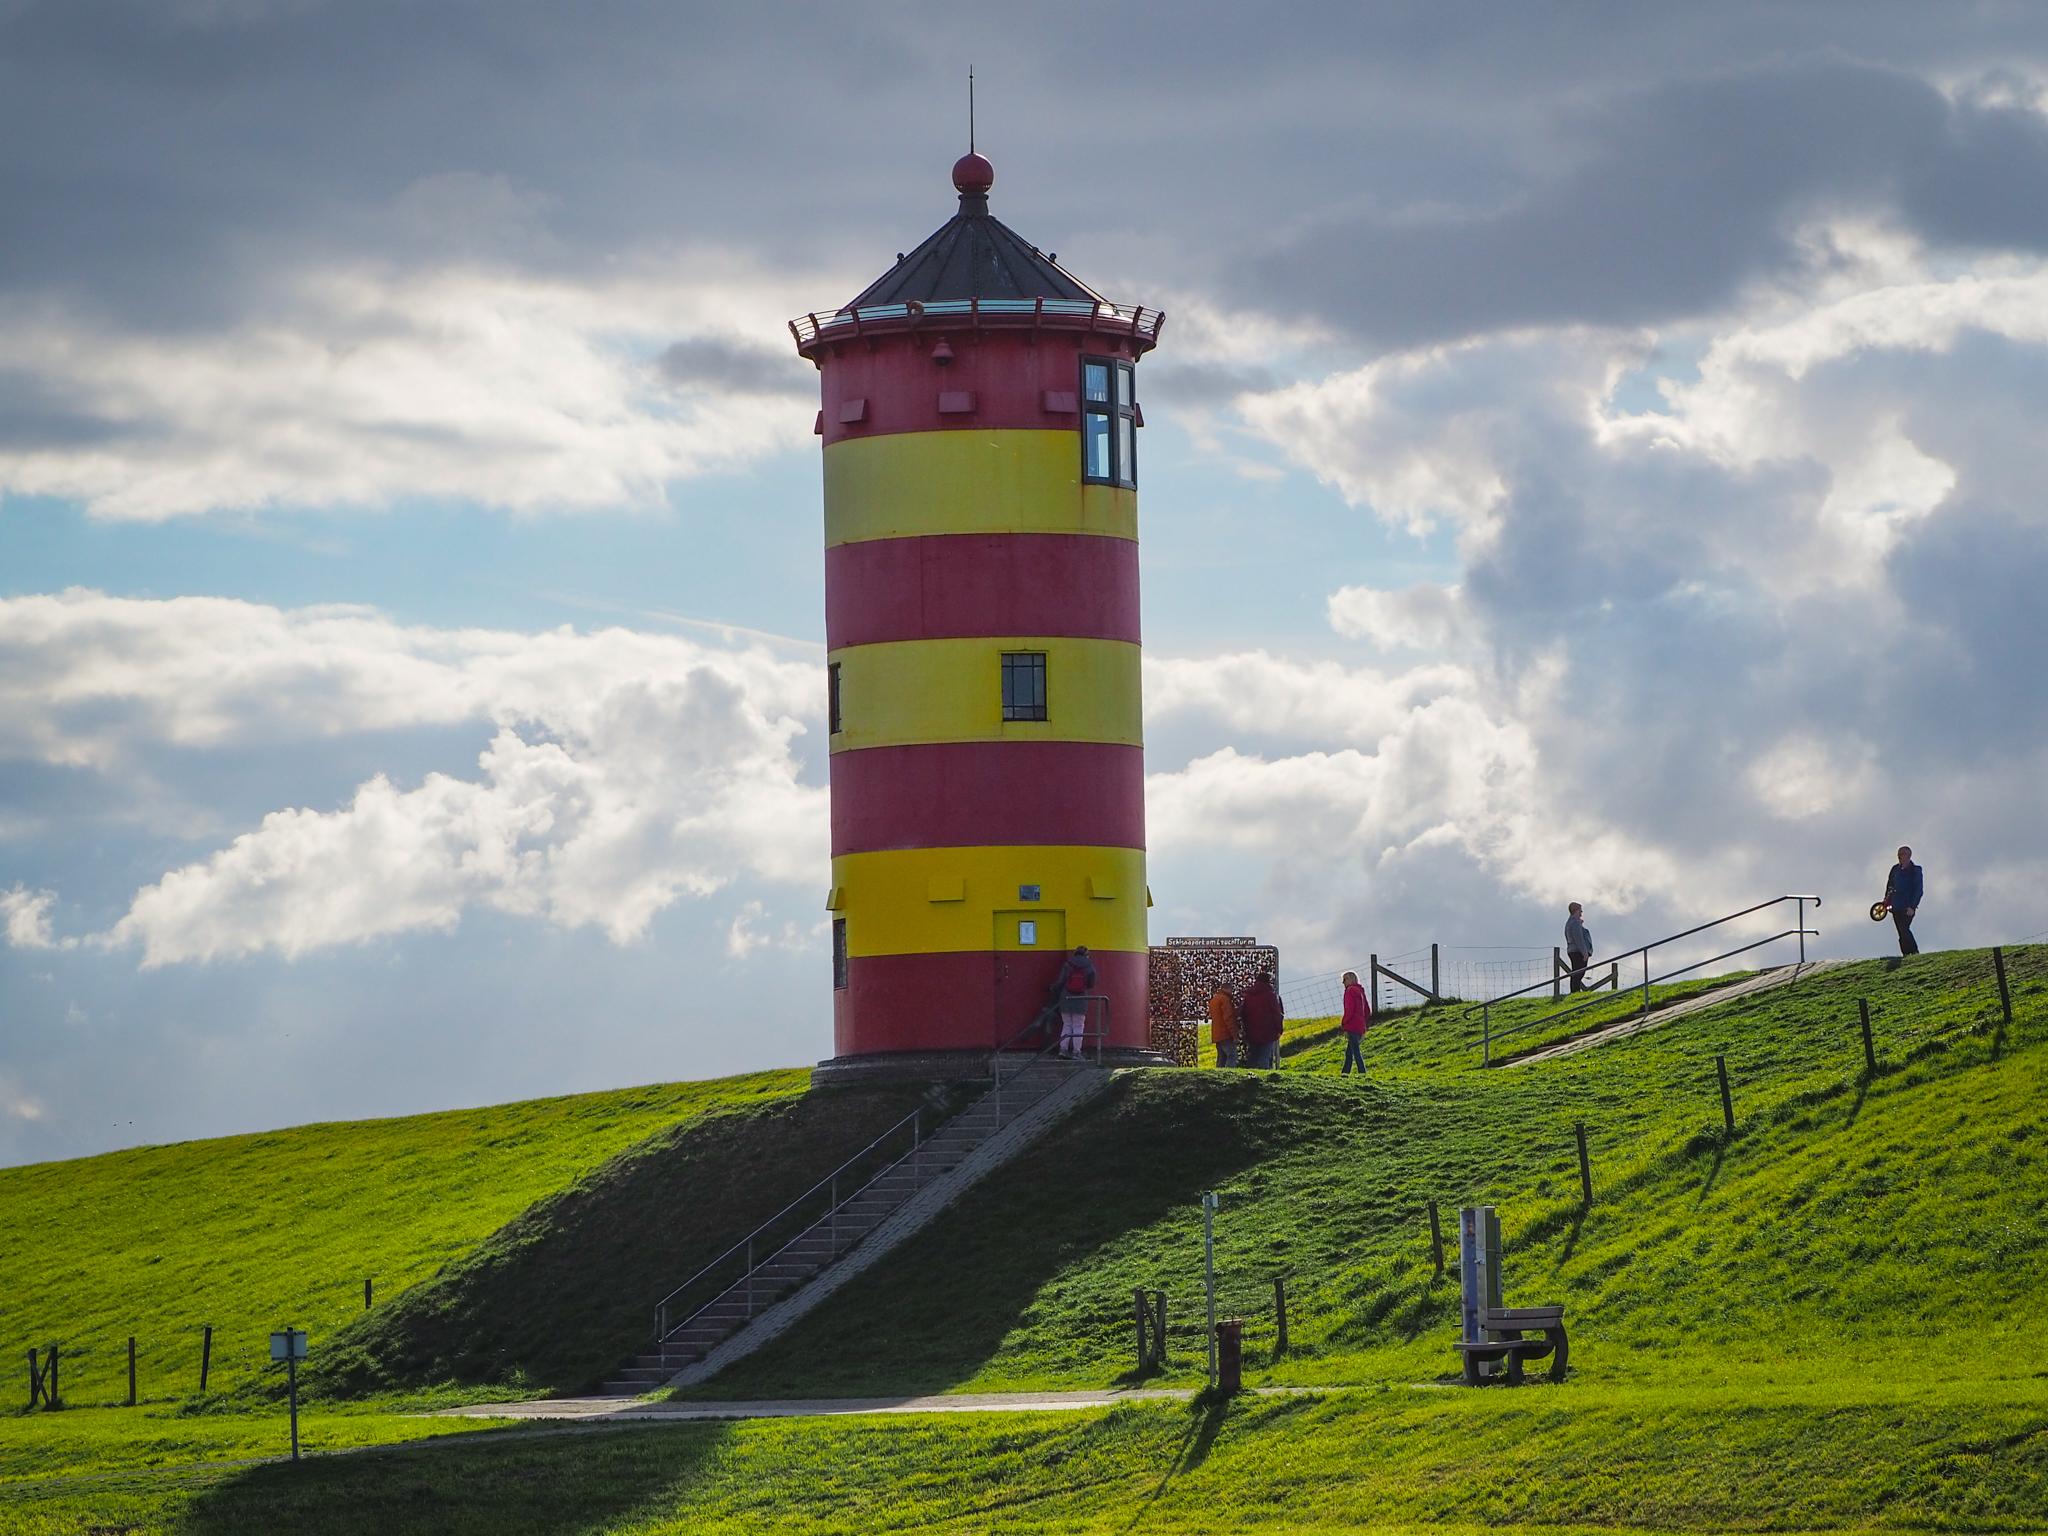 Leuchtturm von Pilsum in Ostfriesland